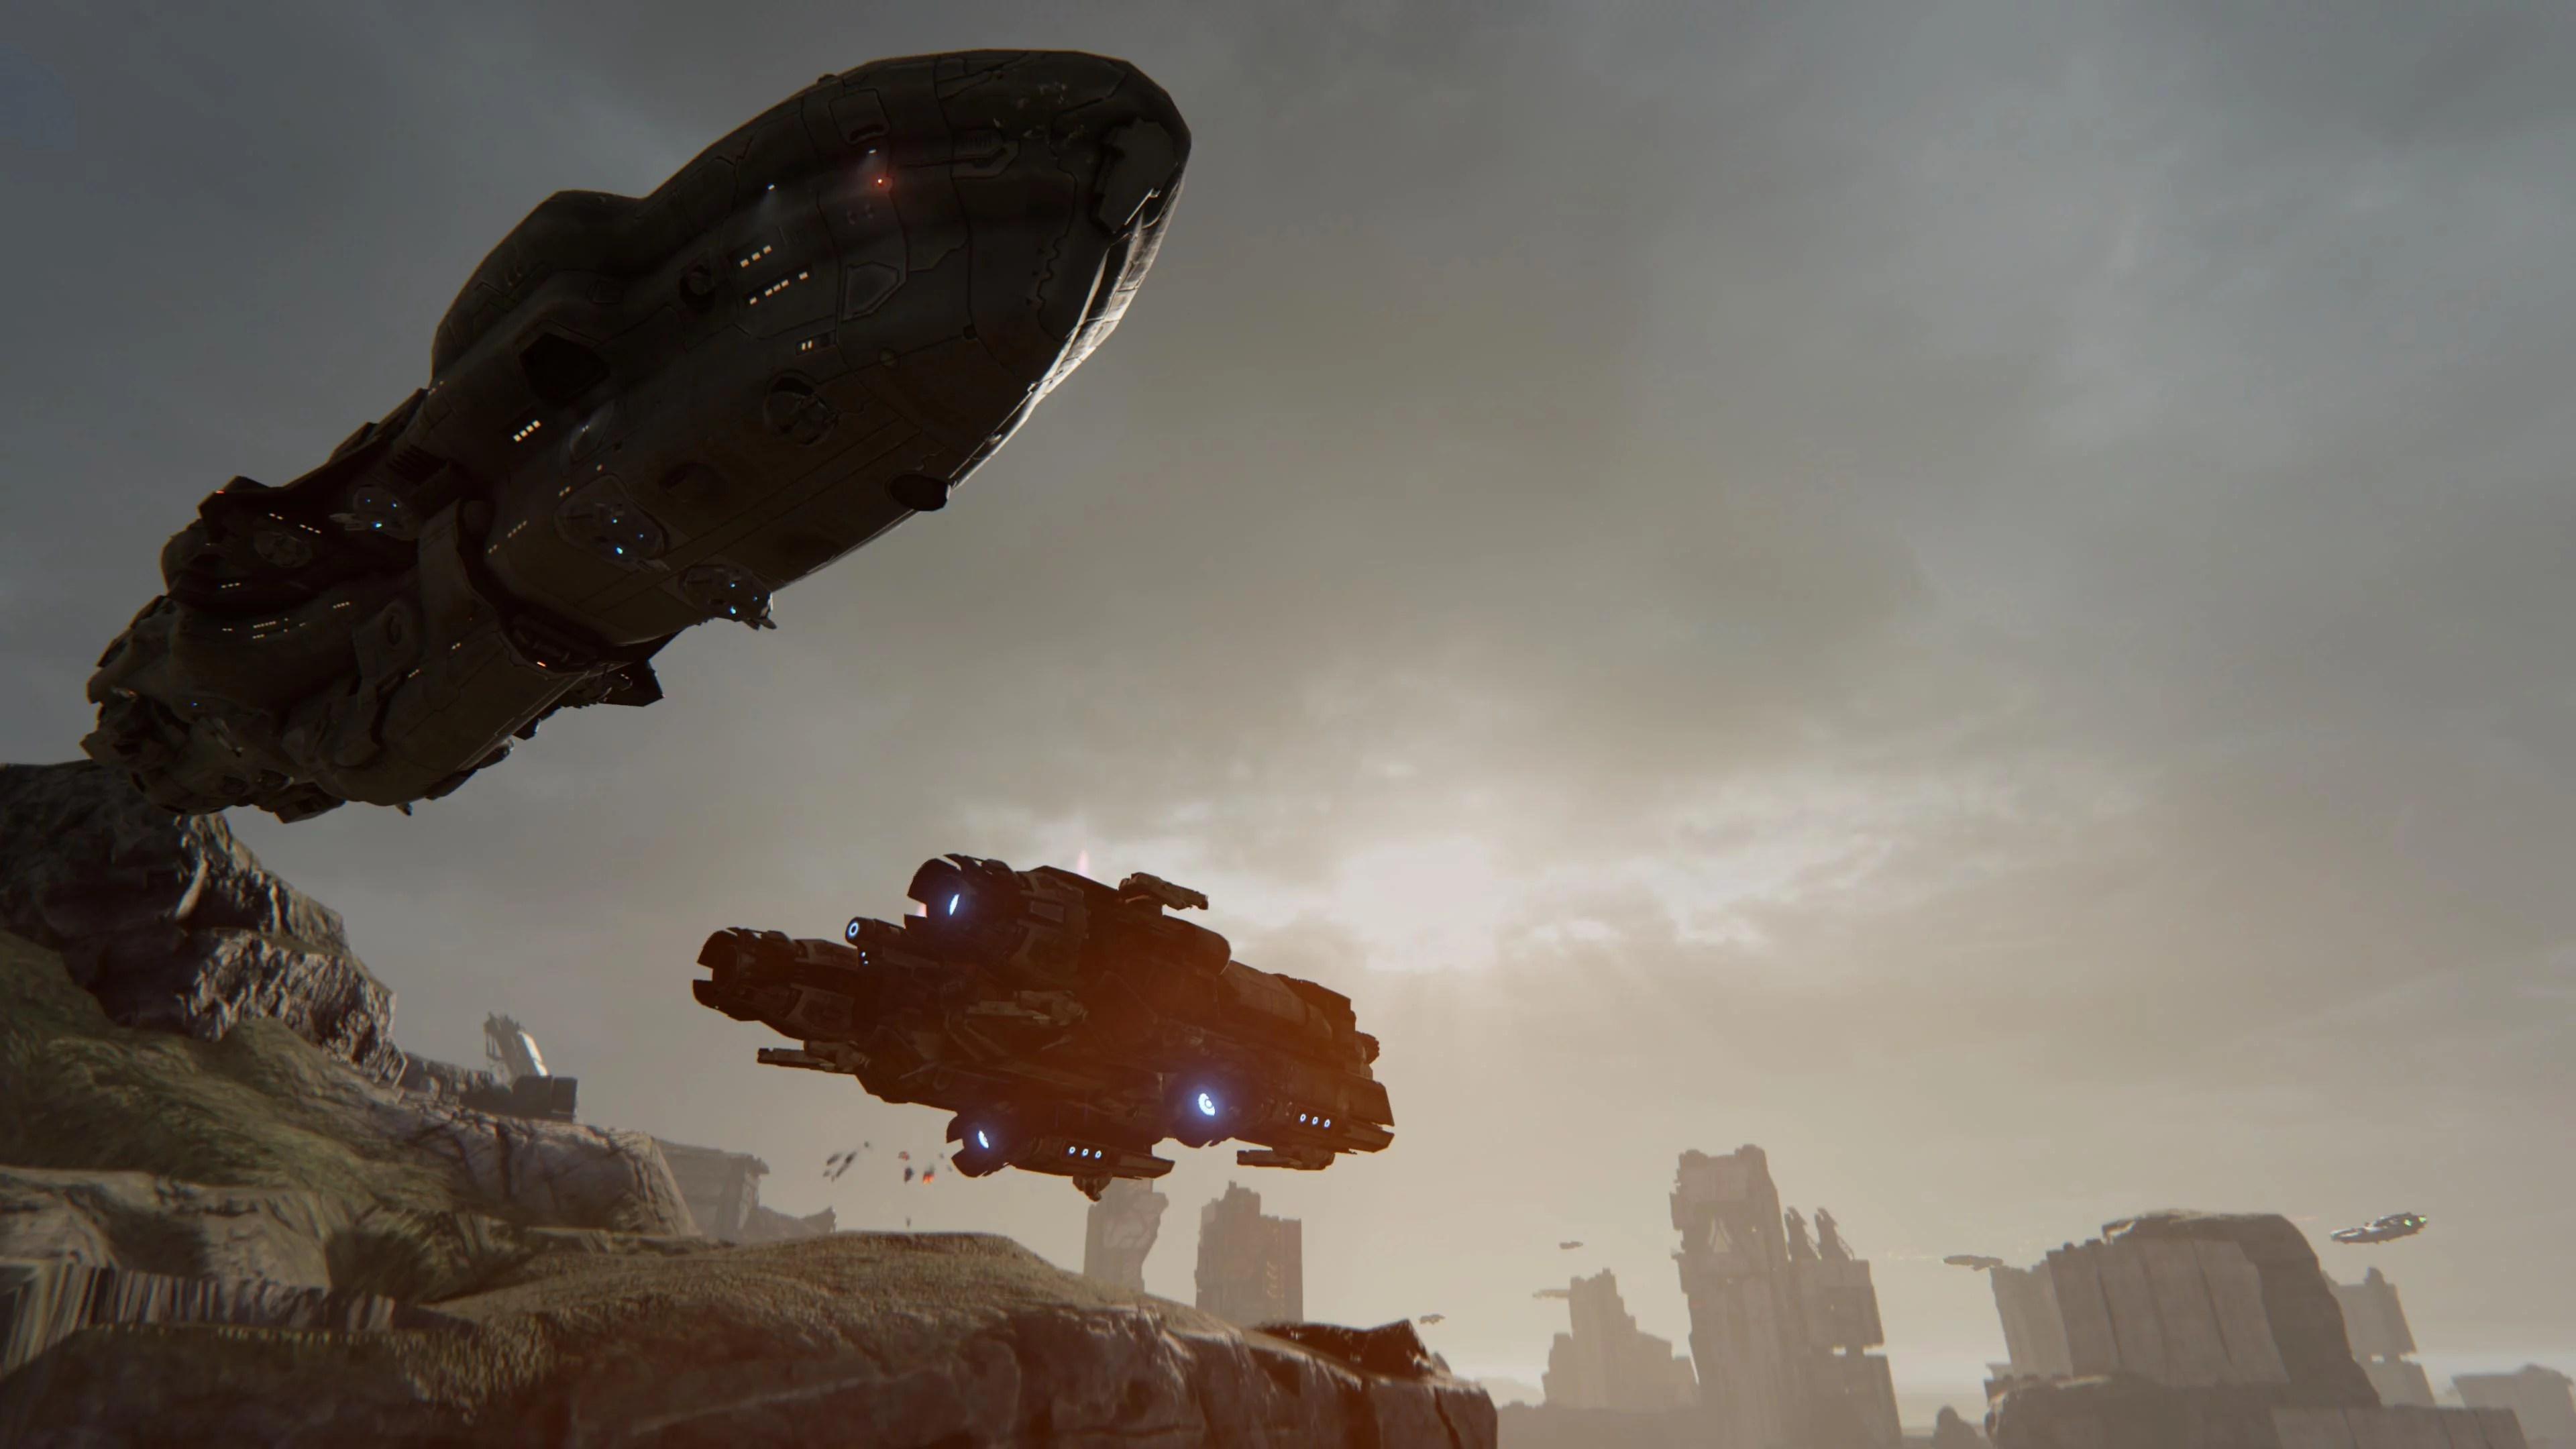 Größenvergleich Corvette zu Schlachtschiff in Dreadnought